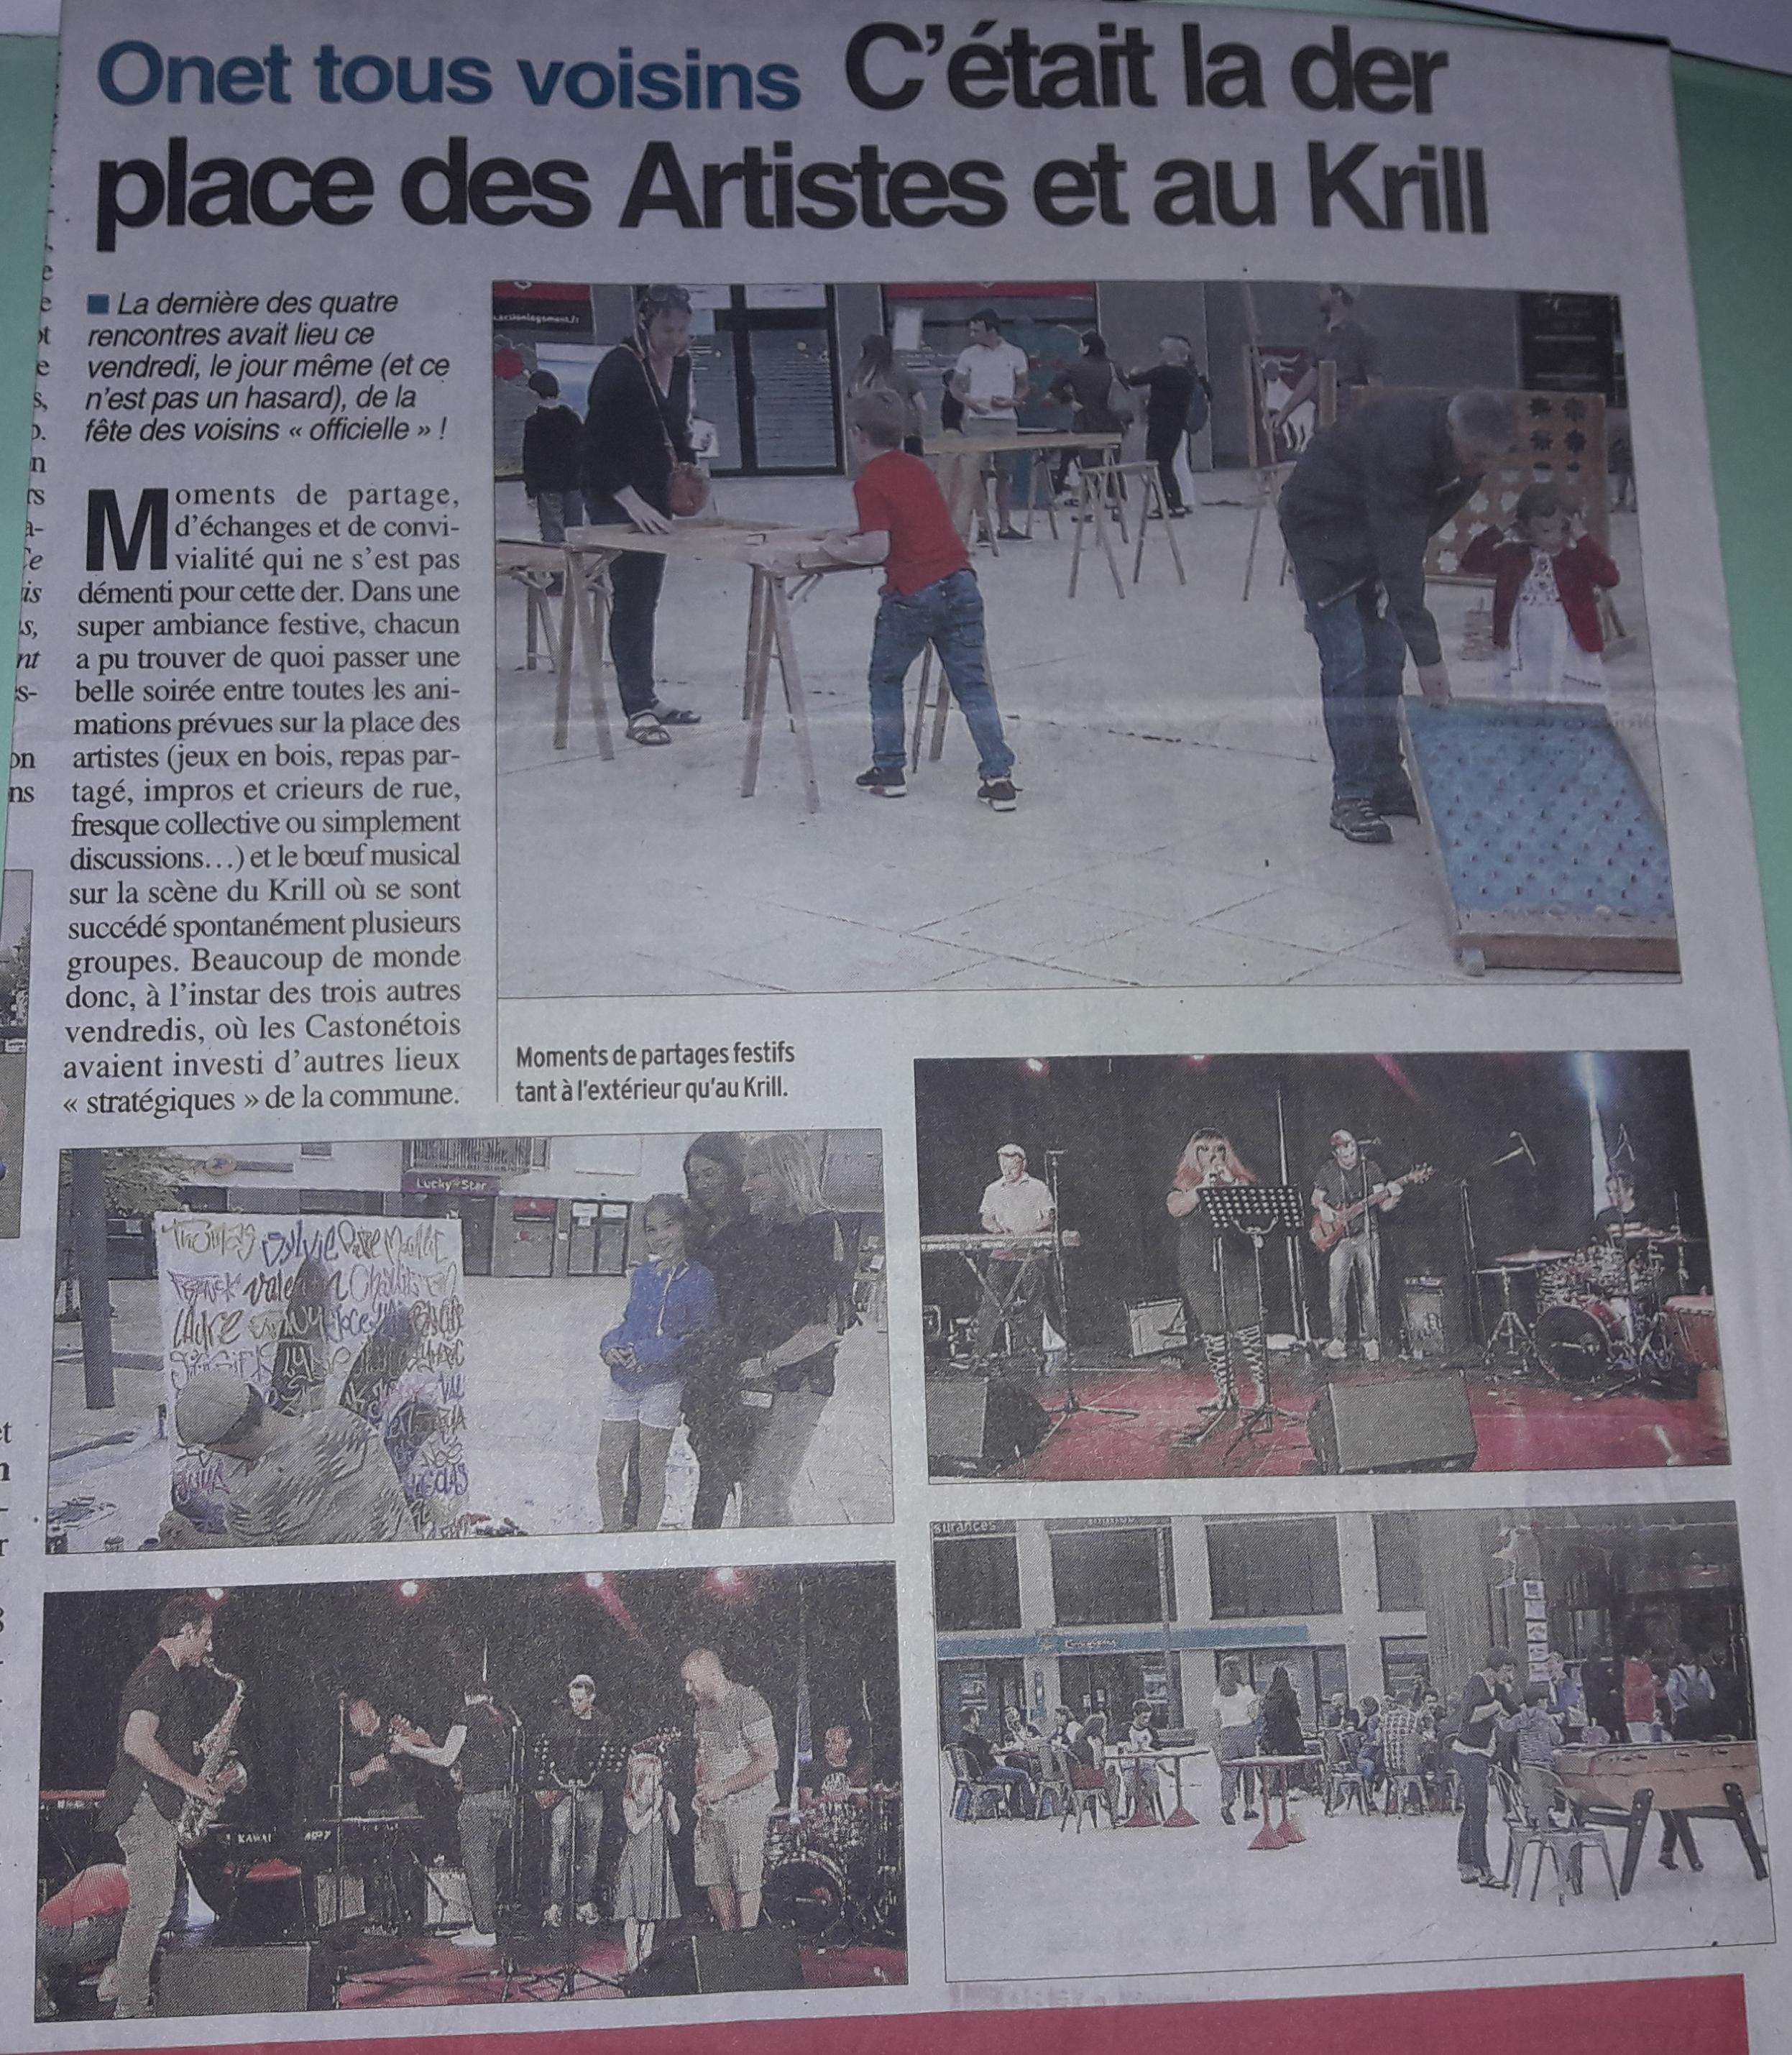 Onet Tous Voisins - Centre-Presse Juin 2018